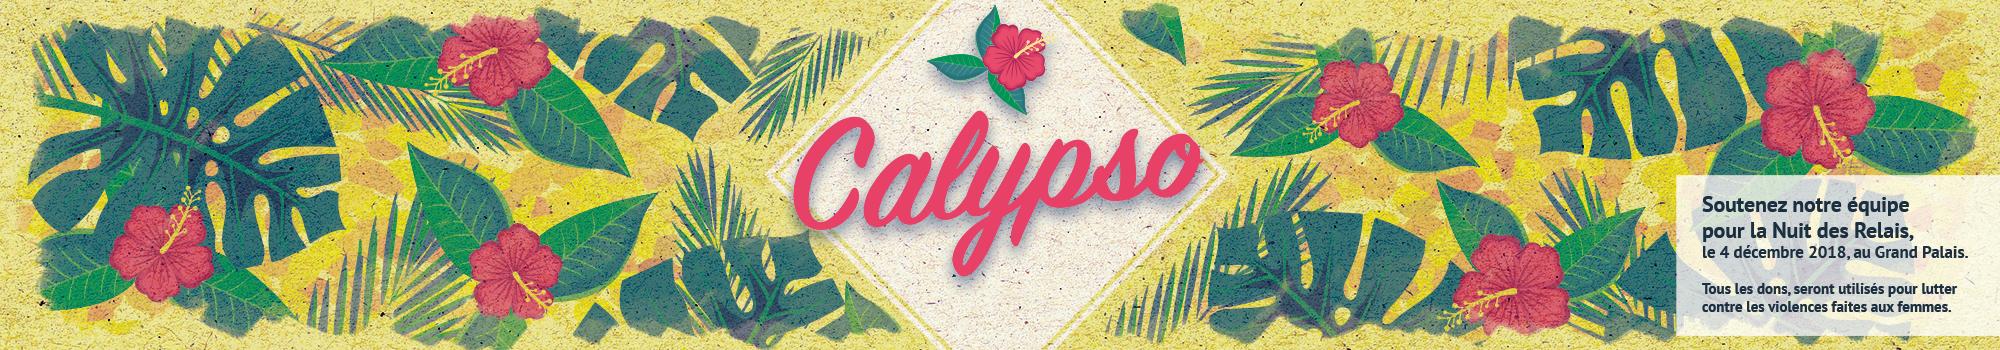 Calypso - Fondation des Femmes